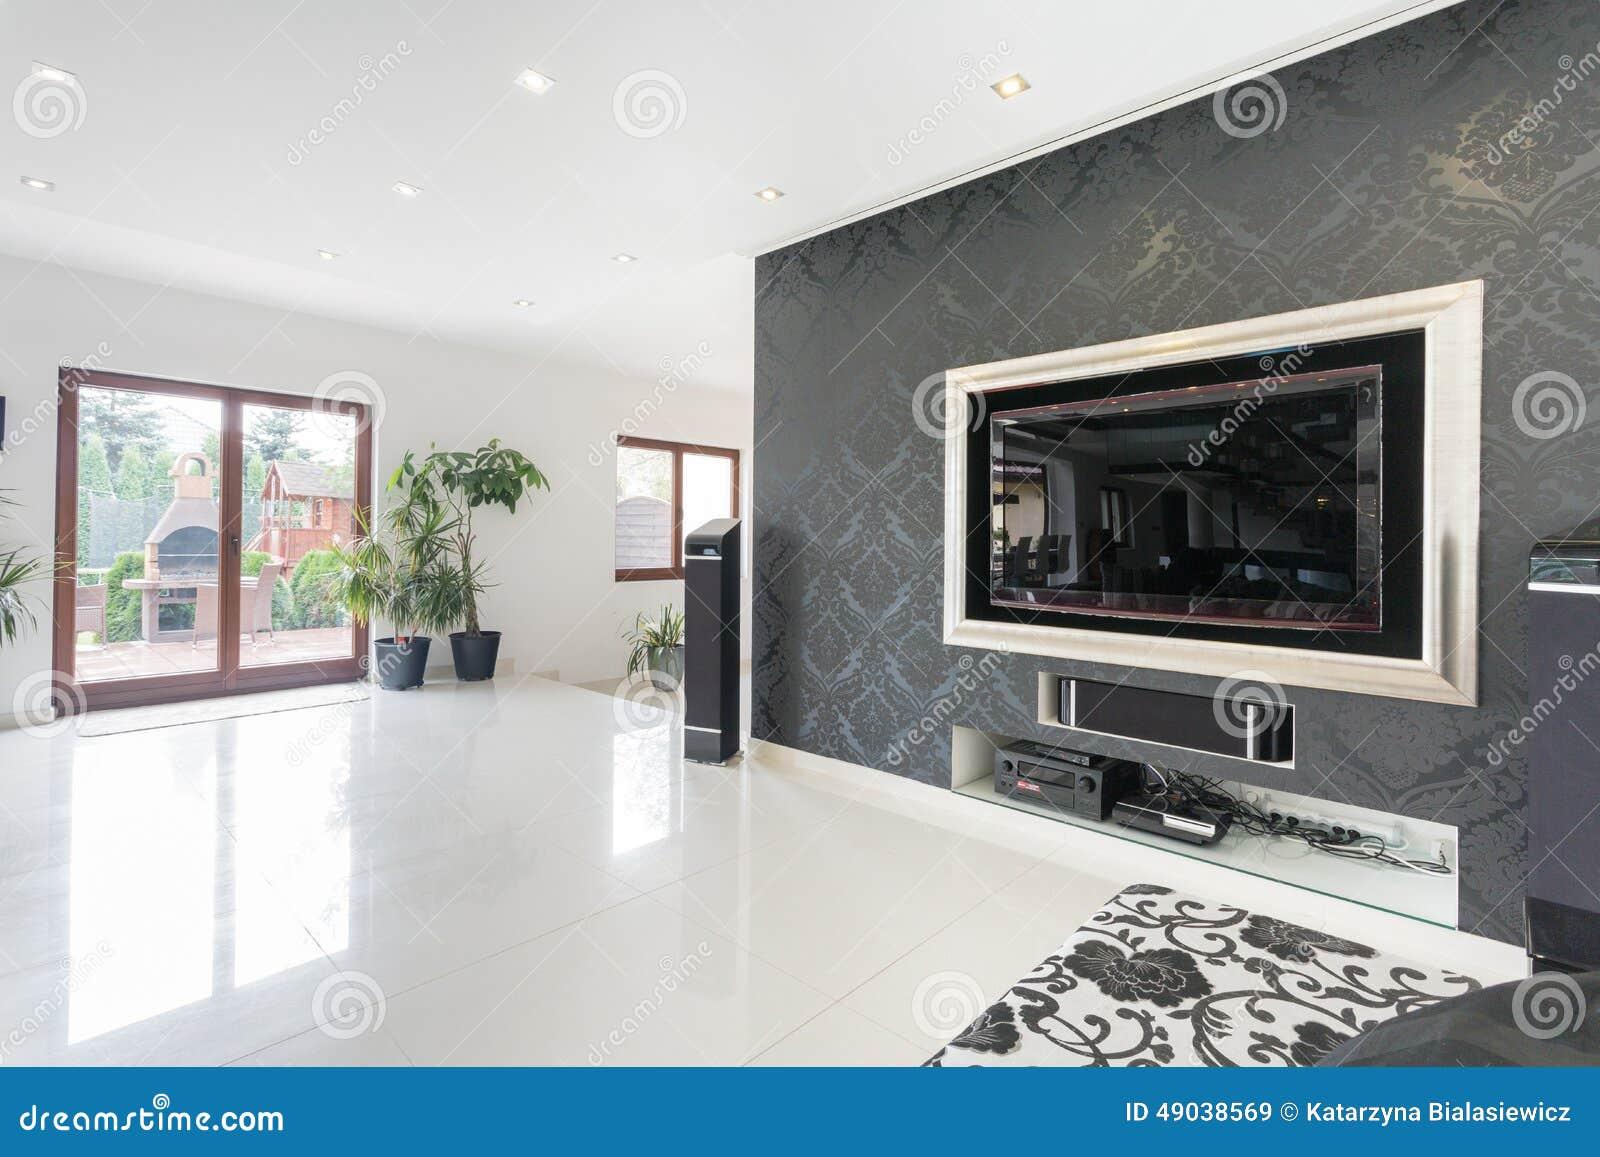 Grote TV in een woonkamer stock afbeelding. Afbeelding bestaande uit ...